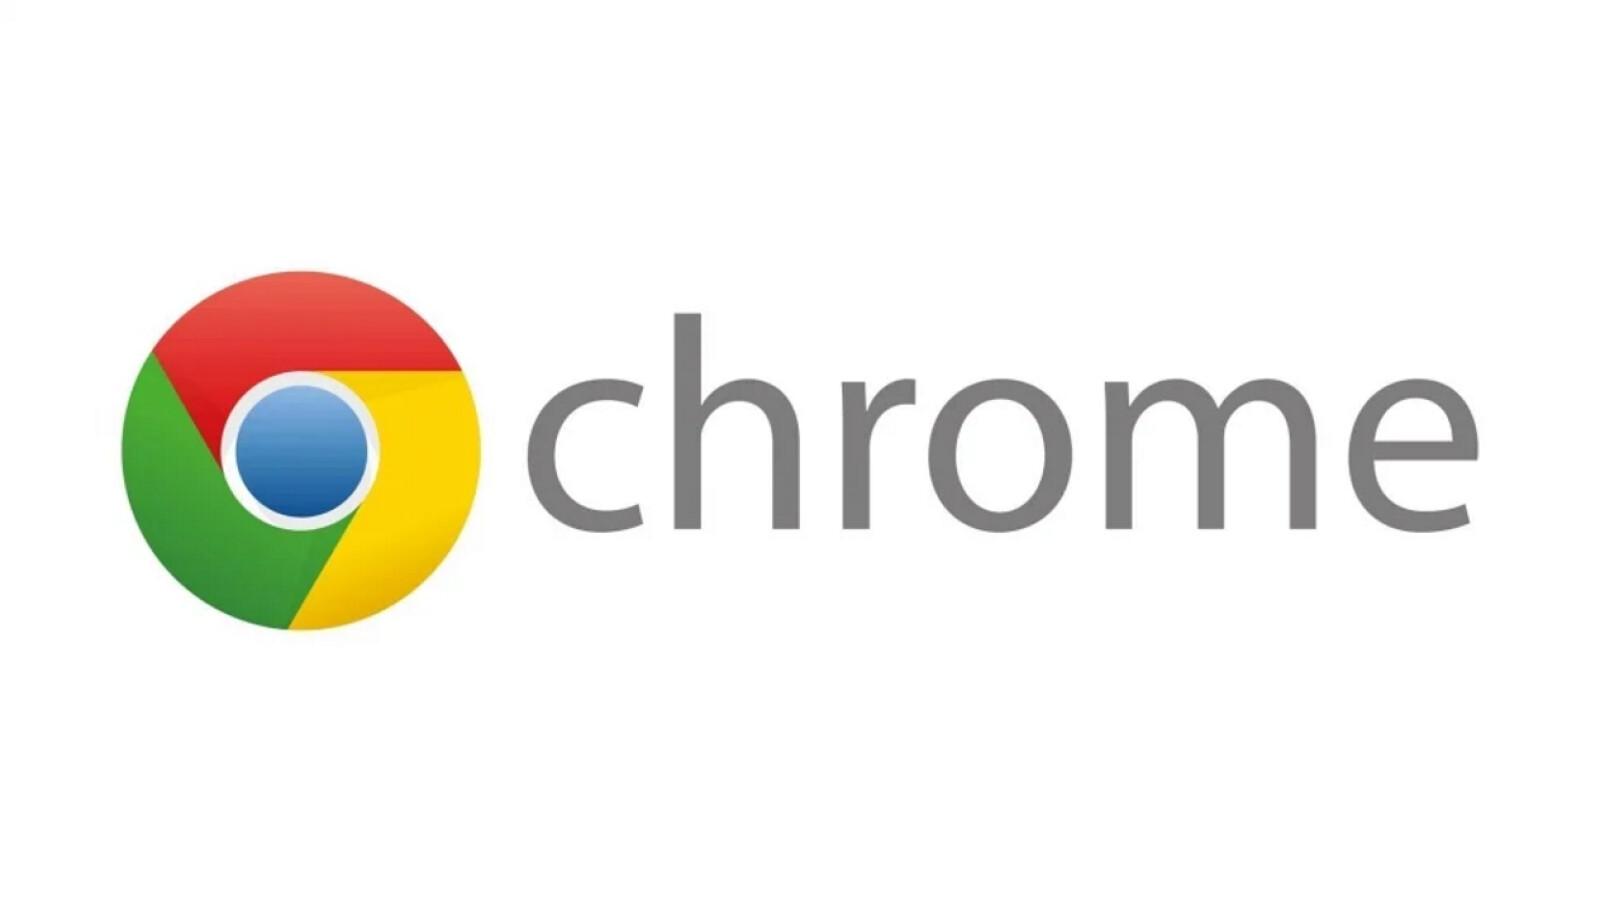 Google Chrome: Diese praktische Funktion gibt es jetzt auf Android-Smartphones